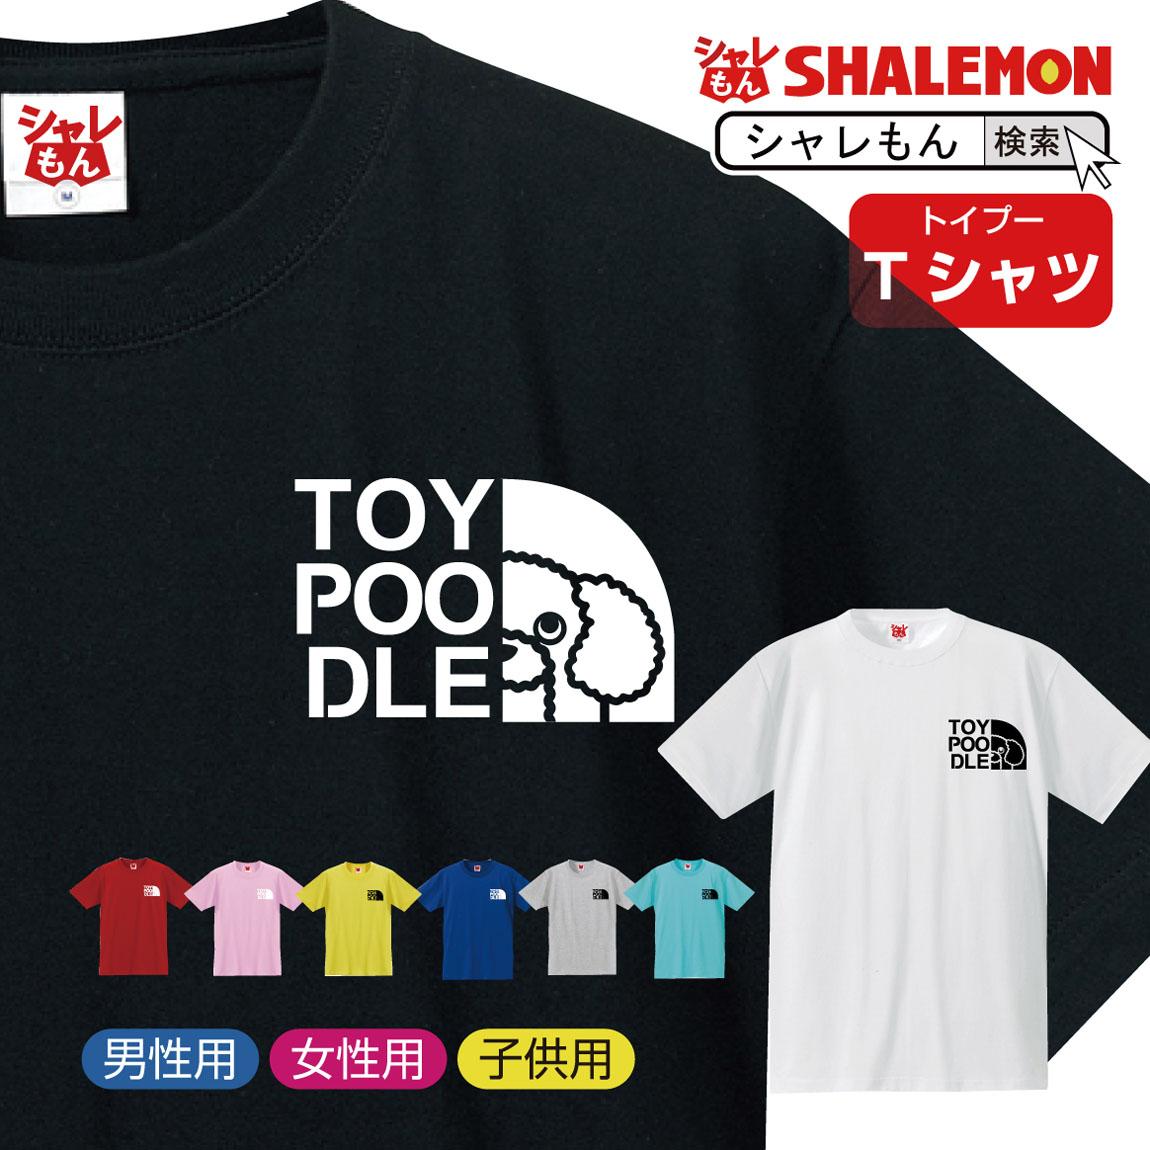 トイプードル  tシャツ アニマル 【 トイプー フェイス 選べる8カラー】 シャレもん